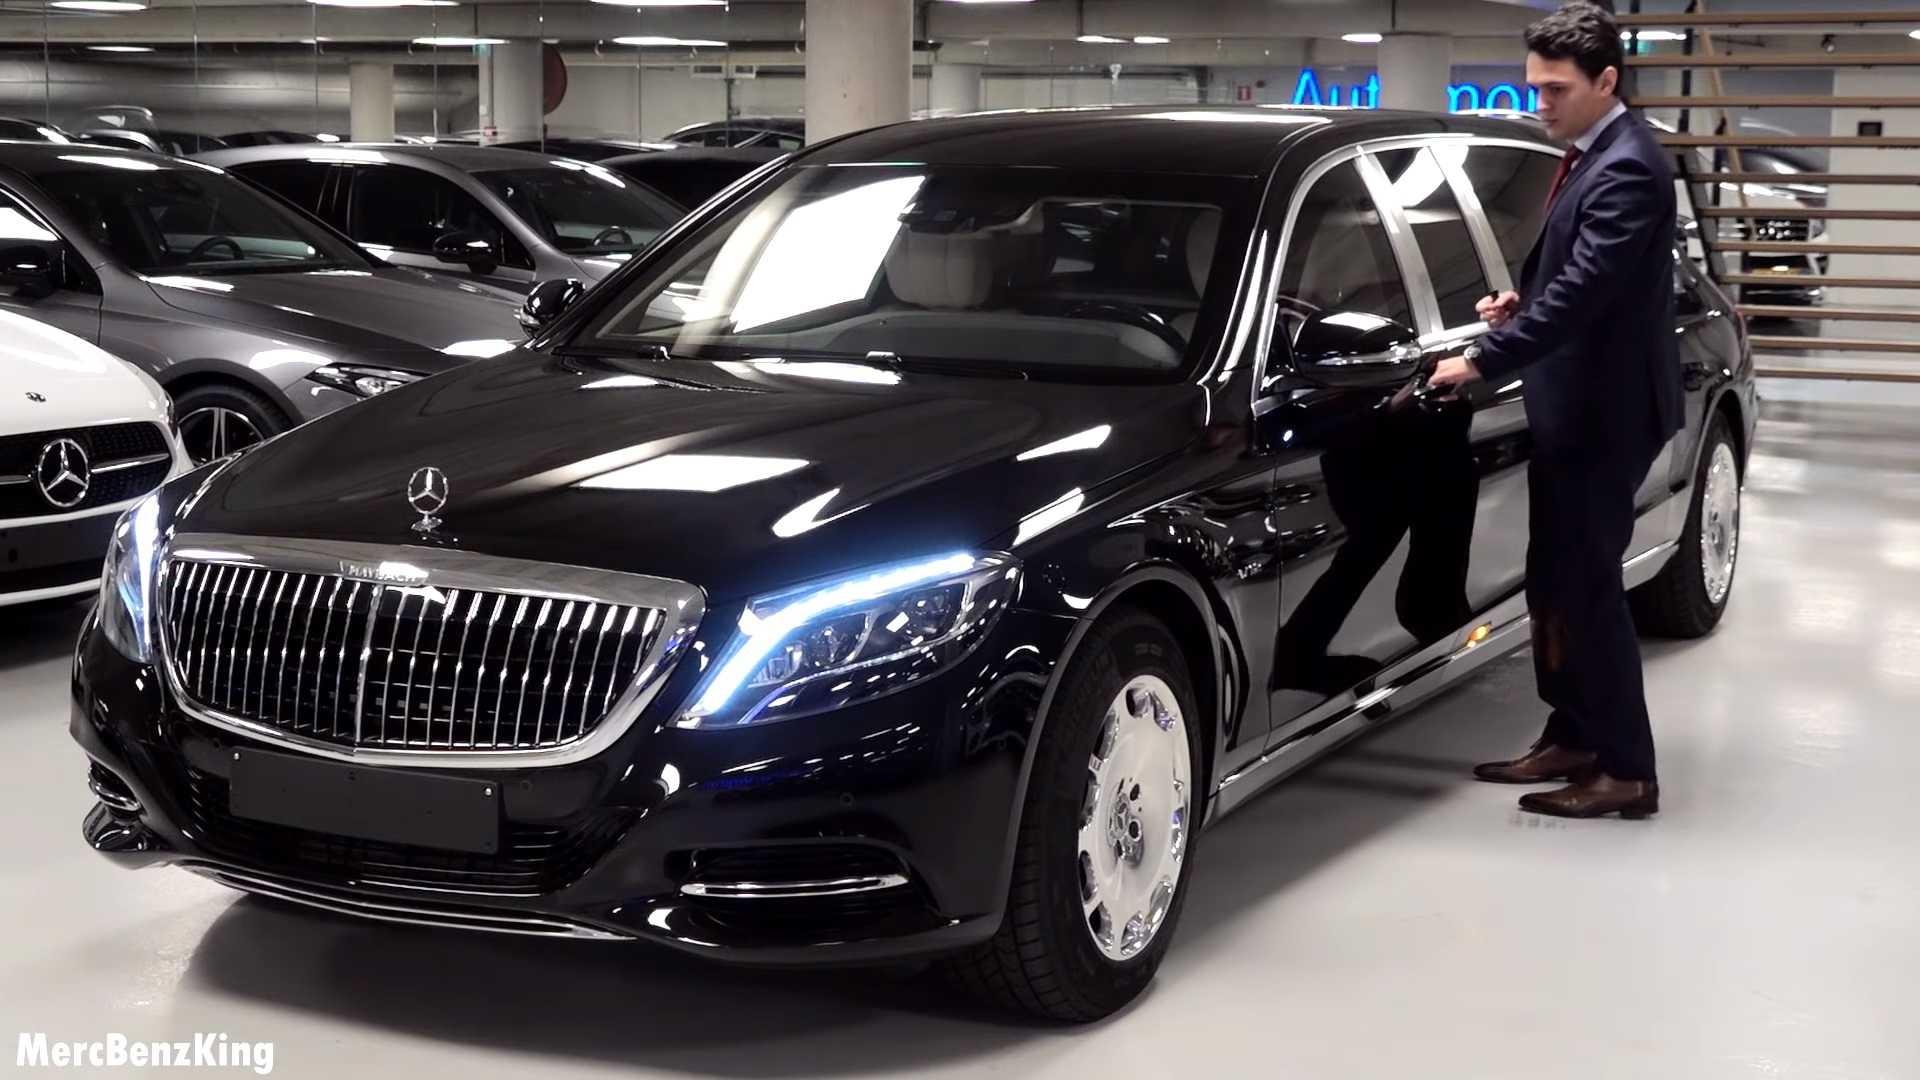 1,56 triệu USD cho Mercedes-Maybach S600 Pullman Guard chống đạn mới nhất